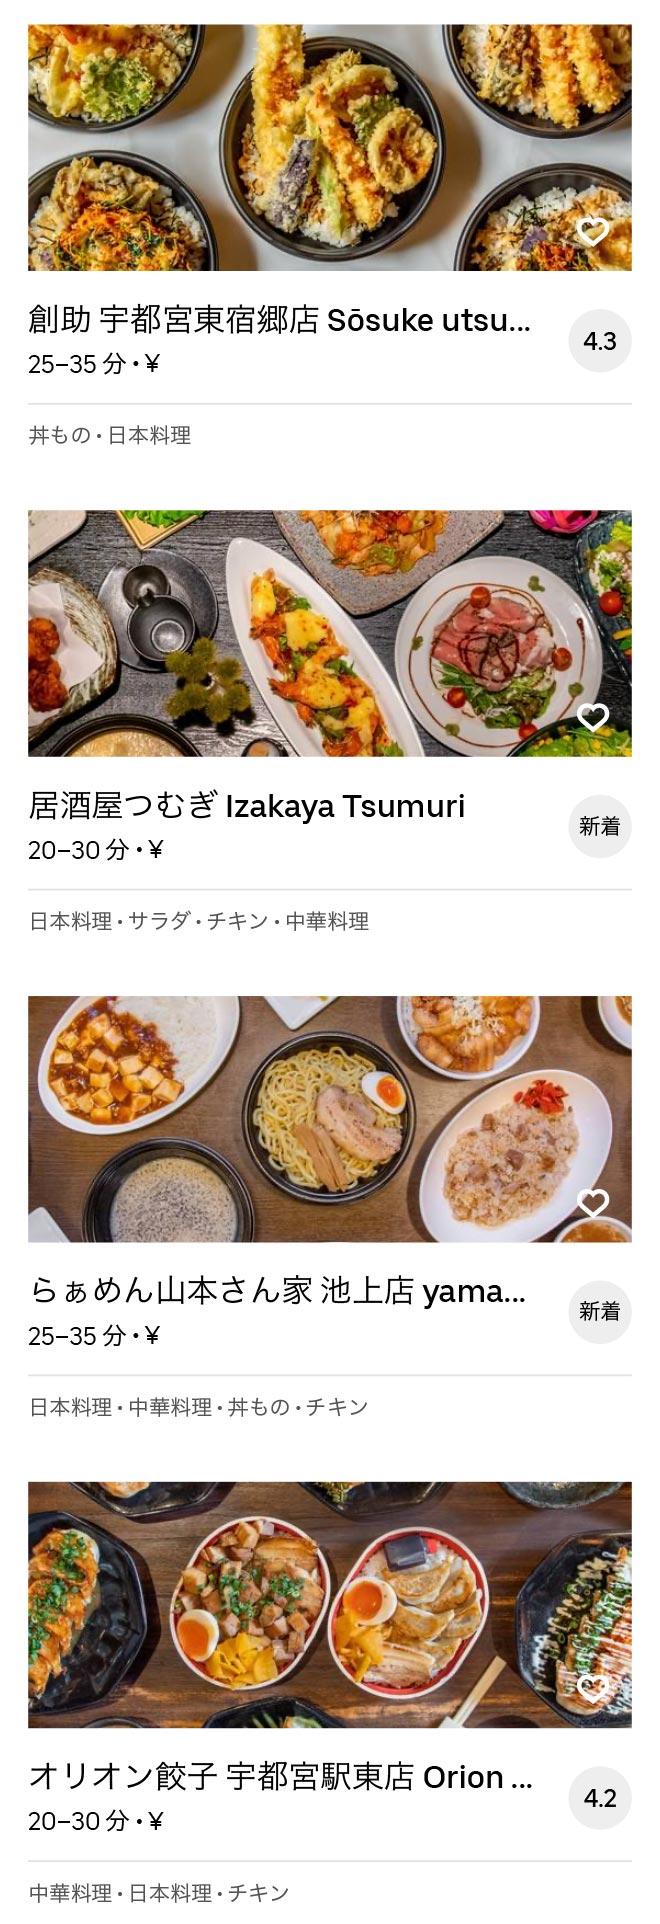 Tobu utsunomiya menu 200607